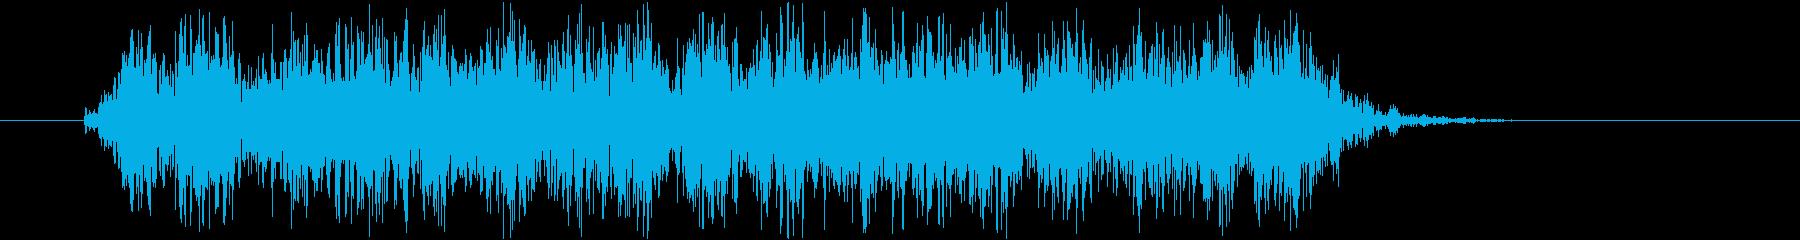 ヒュンヒュンヒュン(武器を回す、回転音)の再生済みの波形